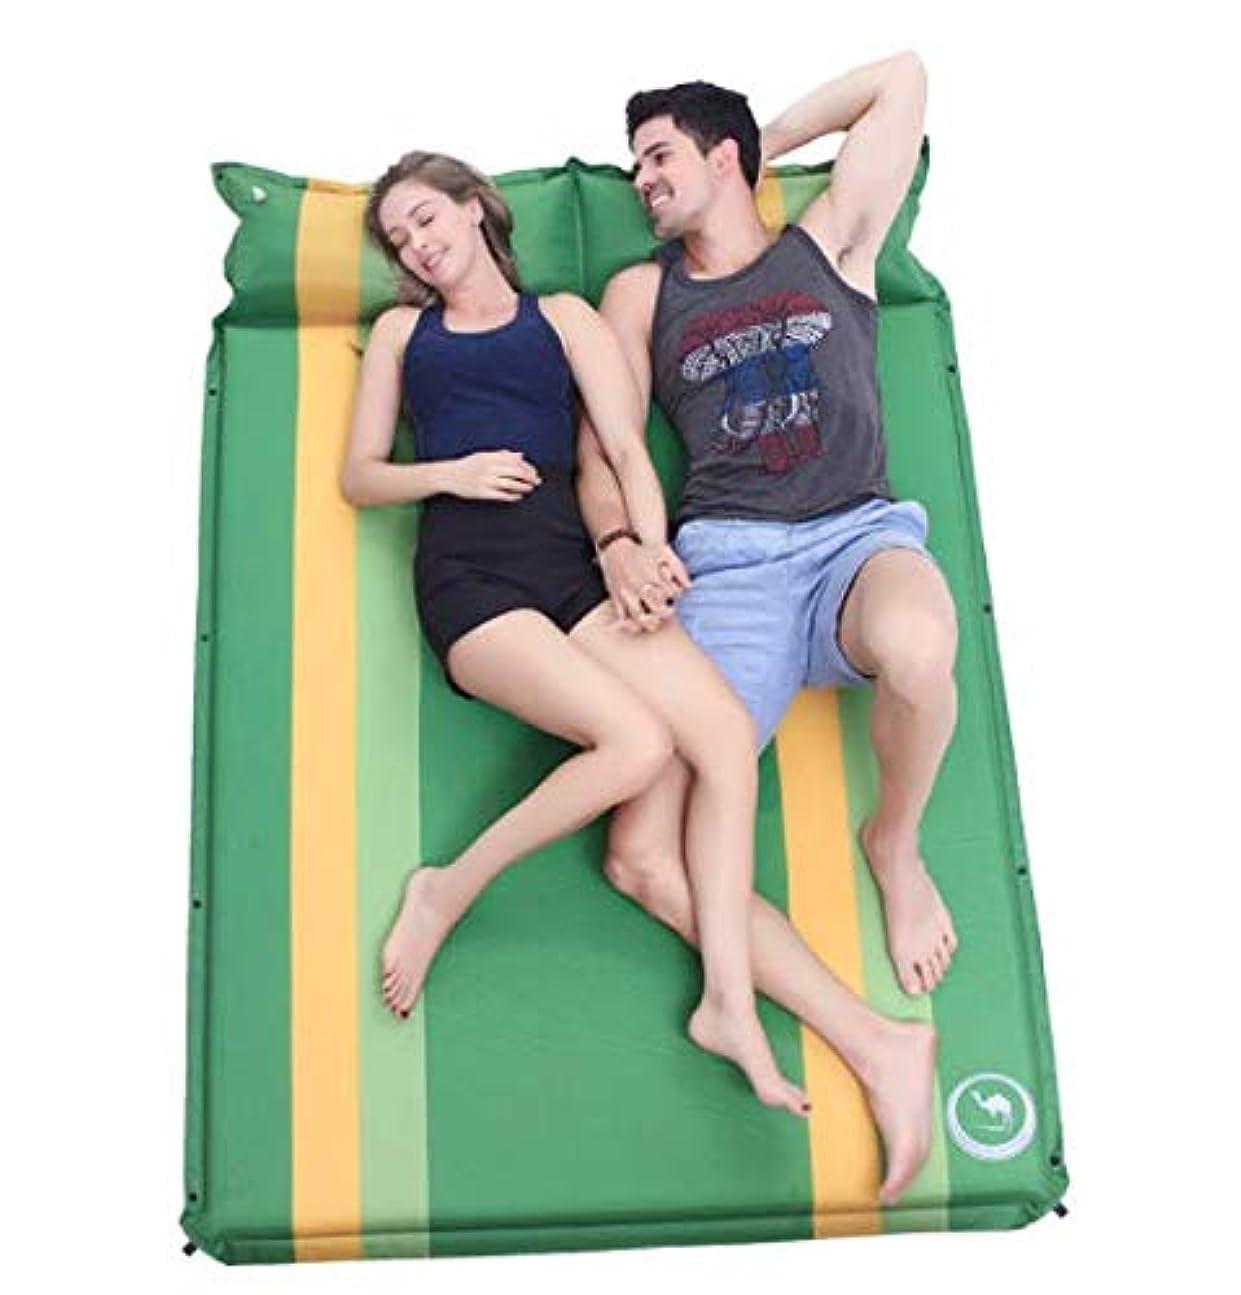 直立財産石化する屋外の自動インフレータブルクッションダブル屋外の寝袋肥厚拡大テントマットフロアマットキャンプマット (Color : グリンー)